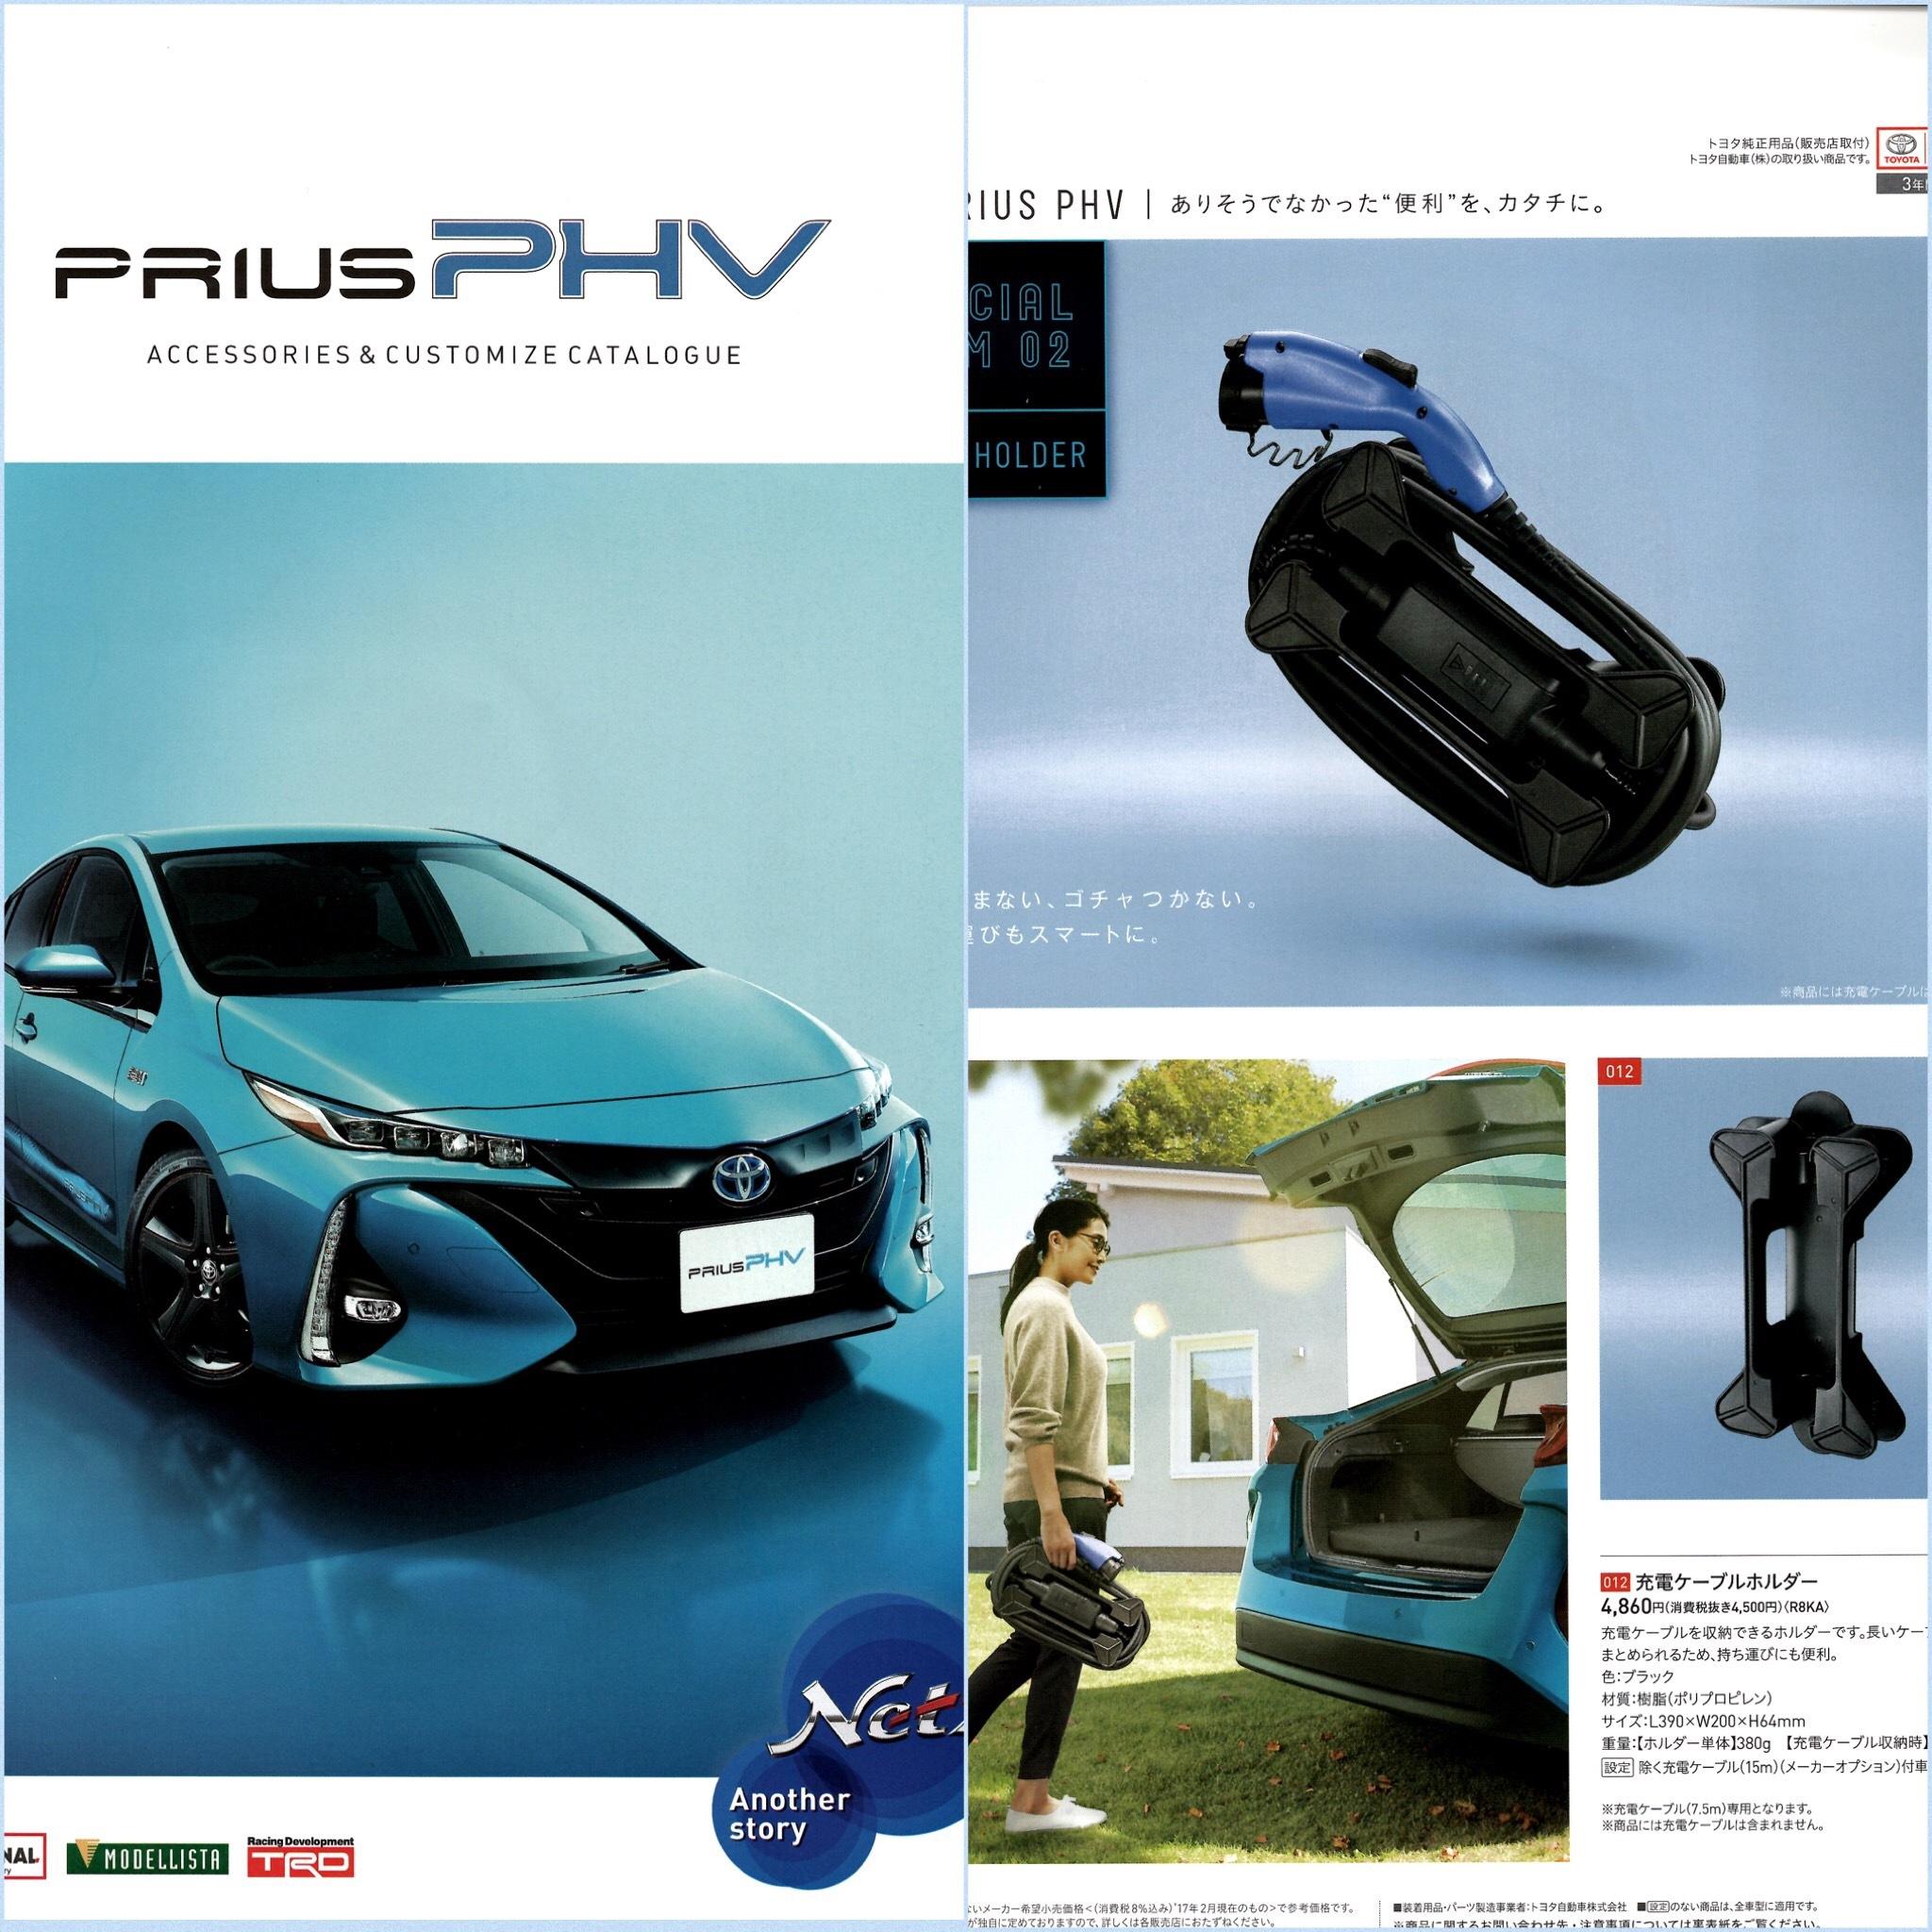 新型プリウスPHV カスタマイズ オプション カタログ